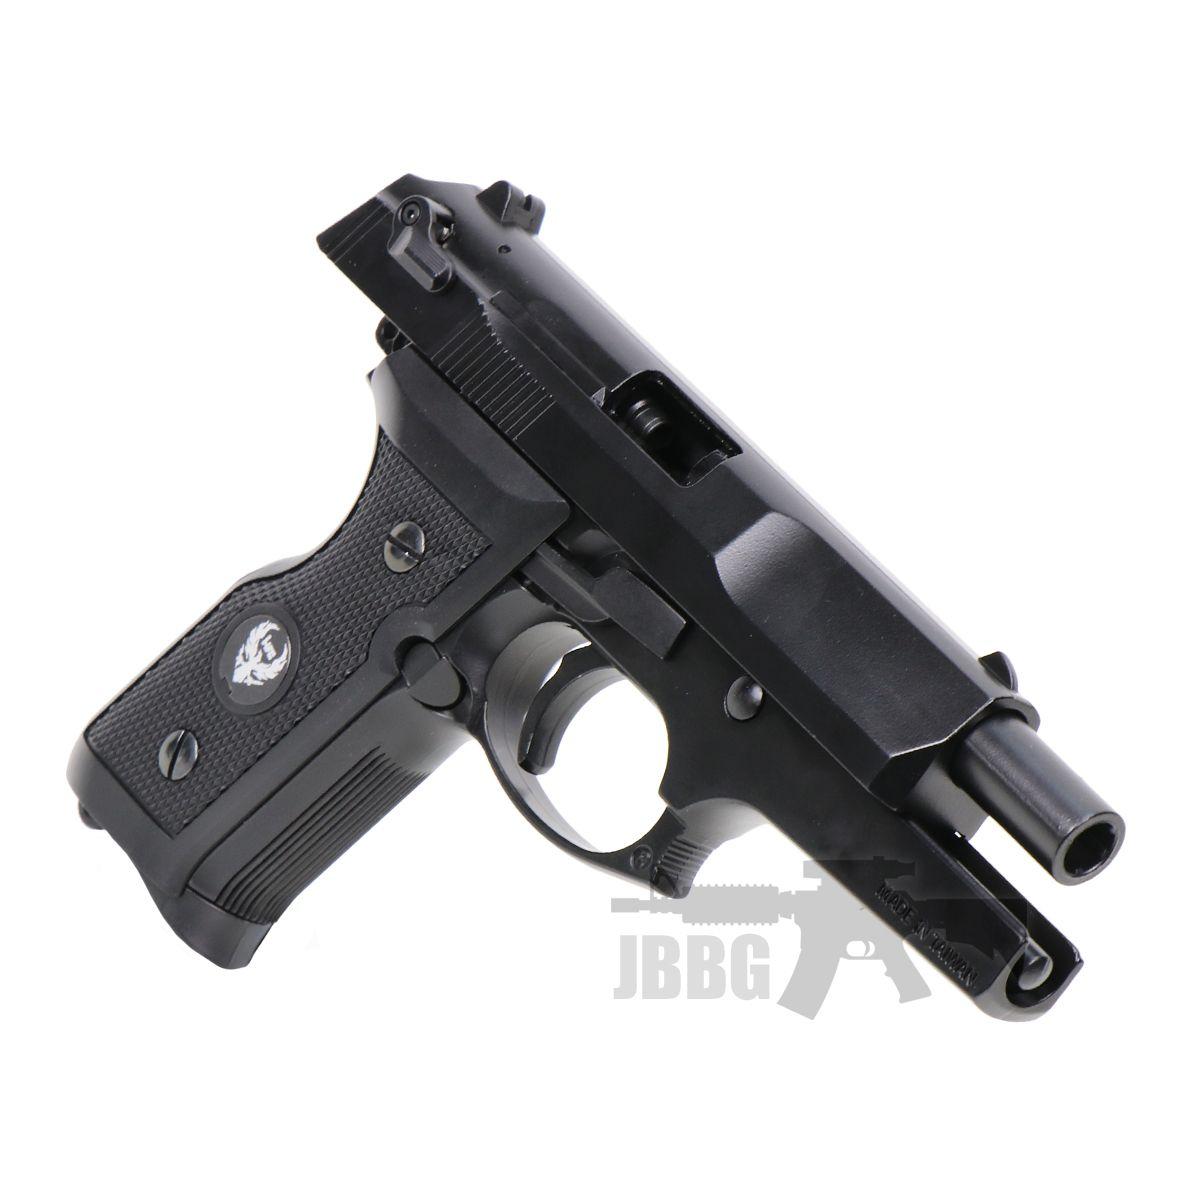 hg160 semi auto airsoft pistol 5